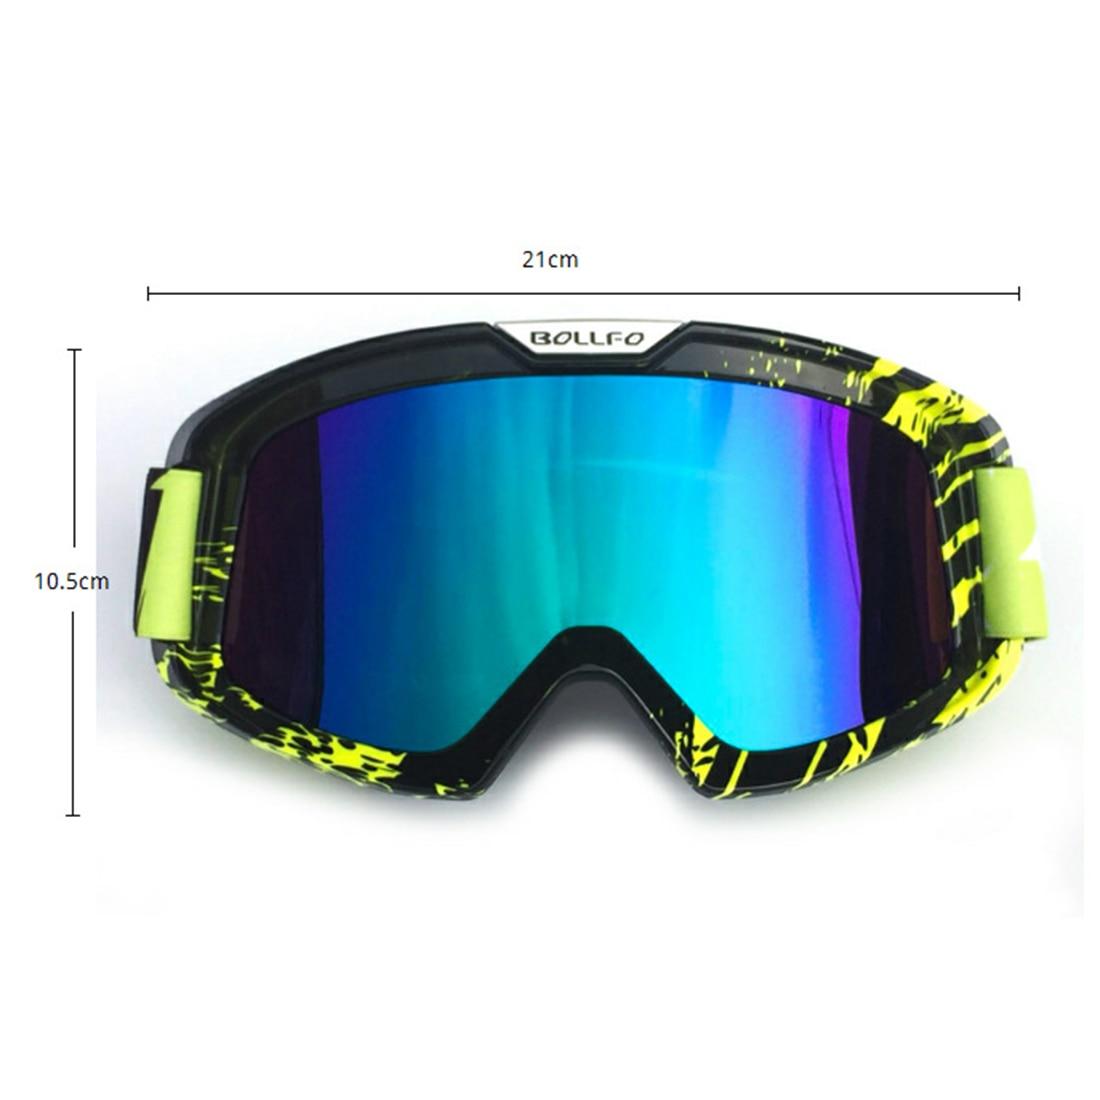 Iguardor UV400 открытый велосипедные очки ветрозащитный Глаза протектор Лыжный Спорт солнцезащитные очки-черный и зеленый + цветные линзы